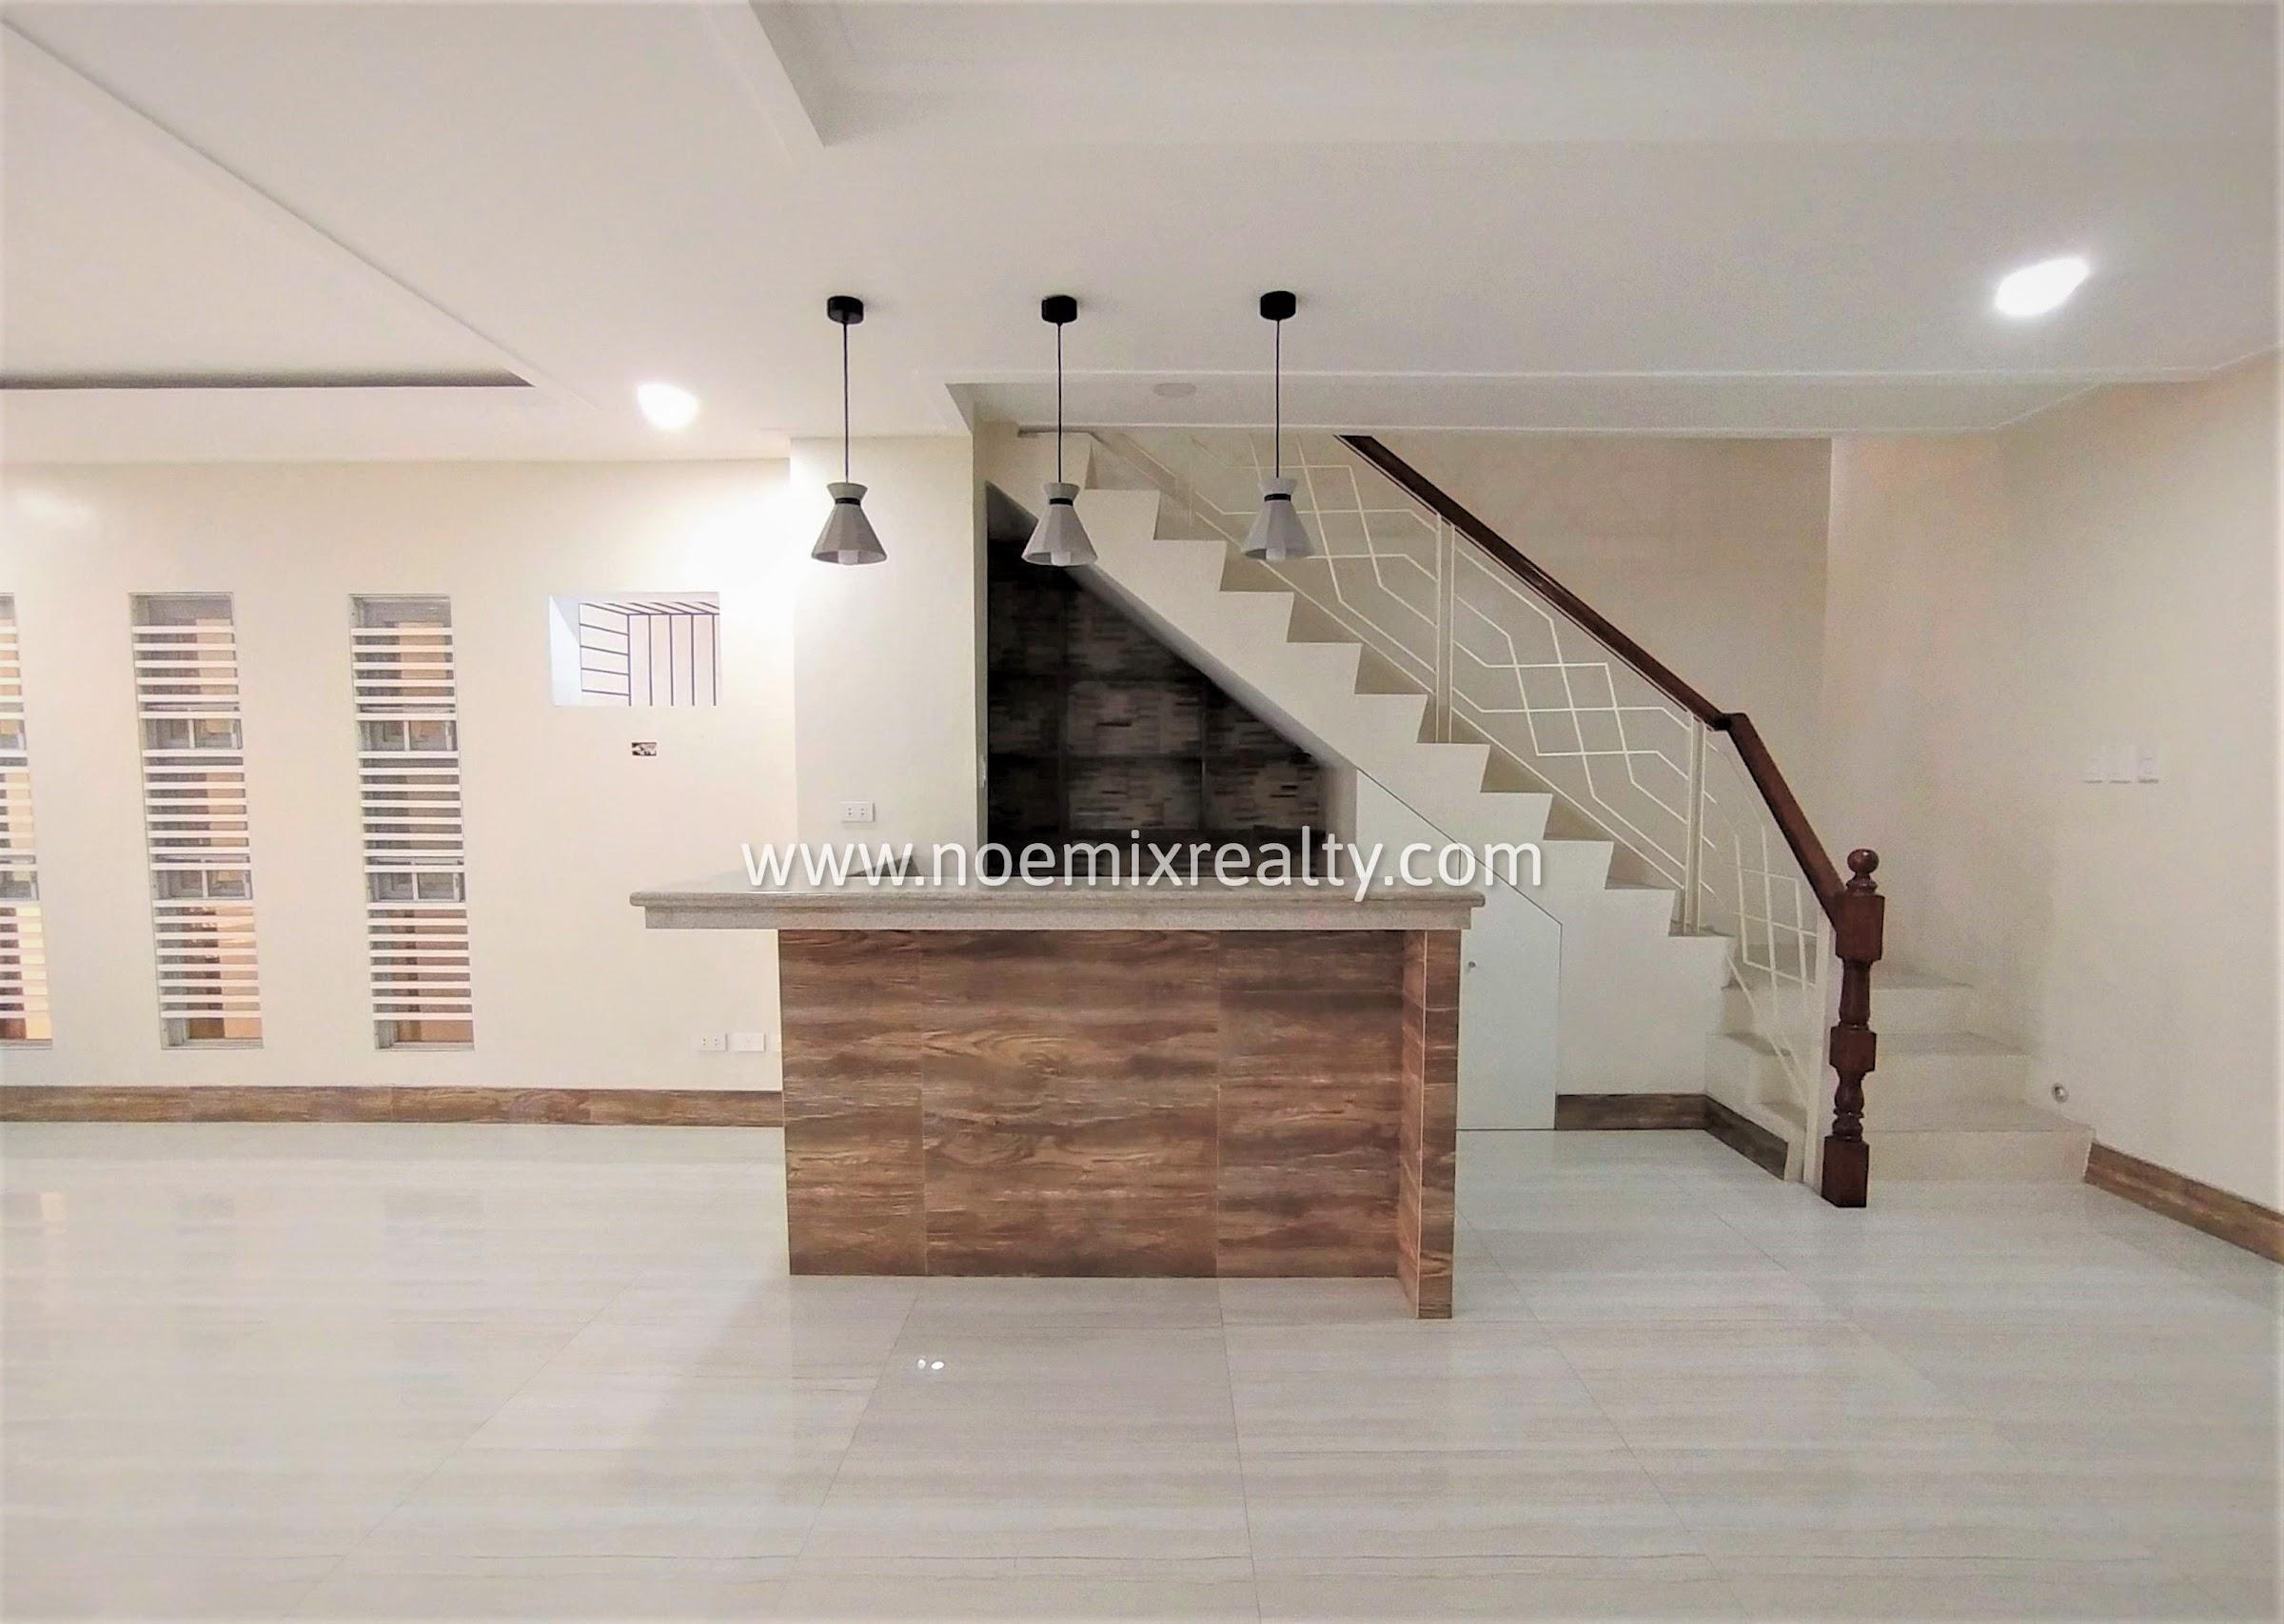 8 Bedroom Townhouse in Tandang Sora, Mindanao Avenue, Quezon City mini bar